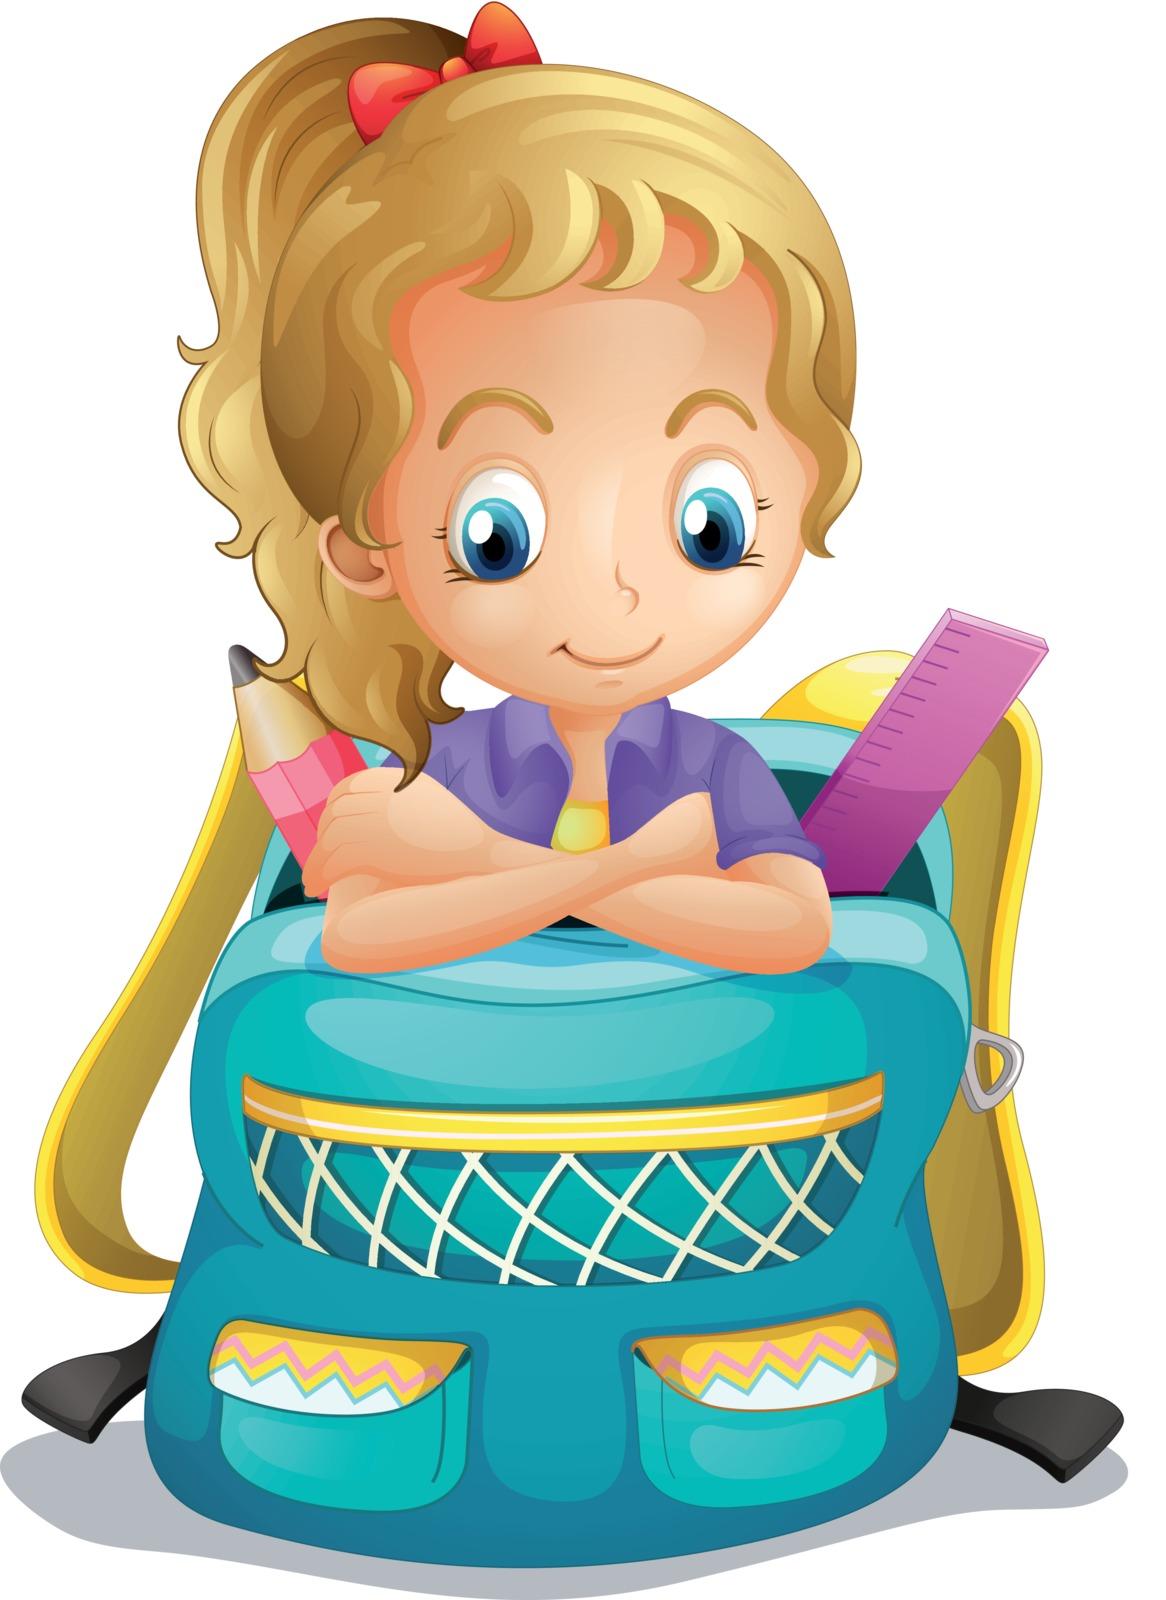 9h-11h30 Quoi mettre dans le sac? Atelier pratique avec une maitresse